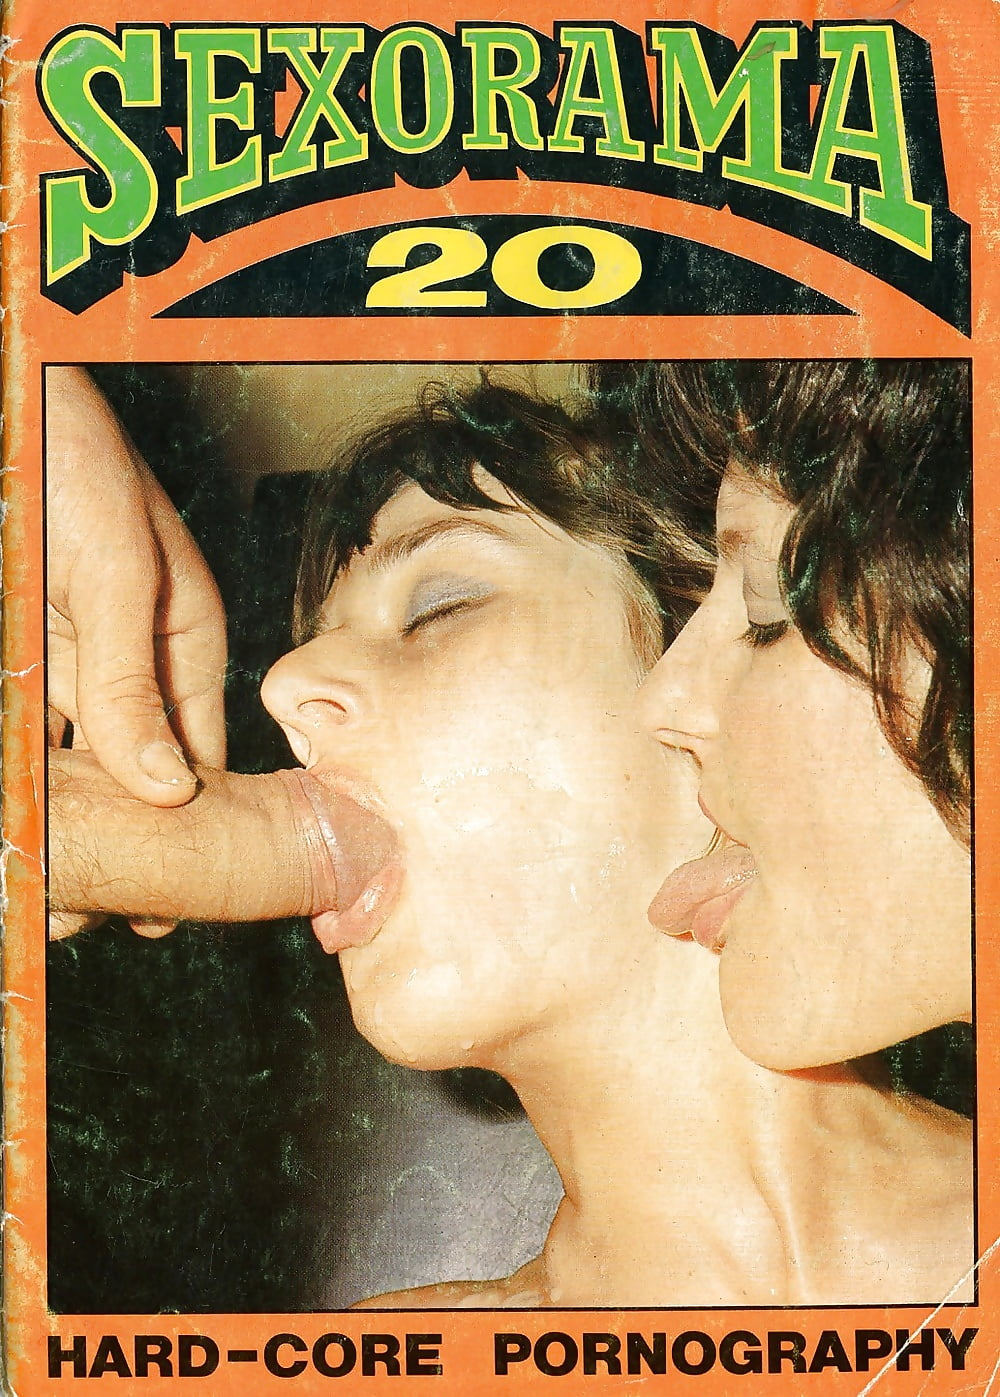 hardcore-pornographic-magazines